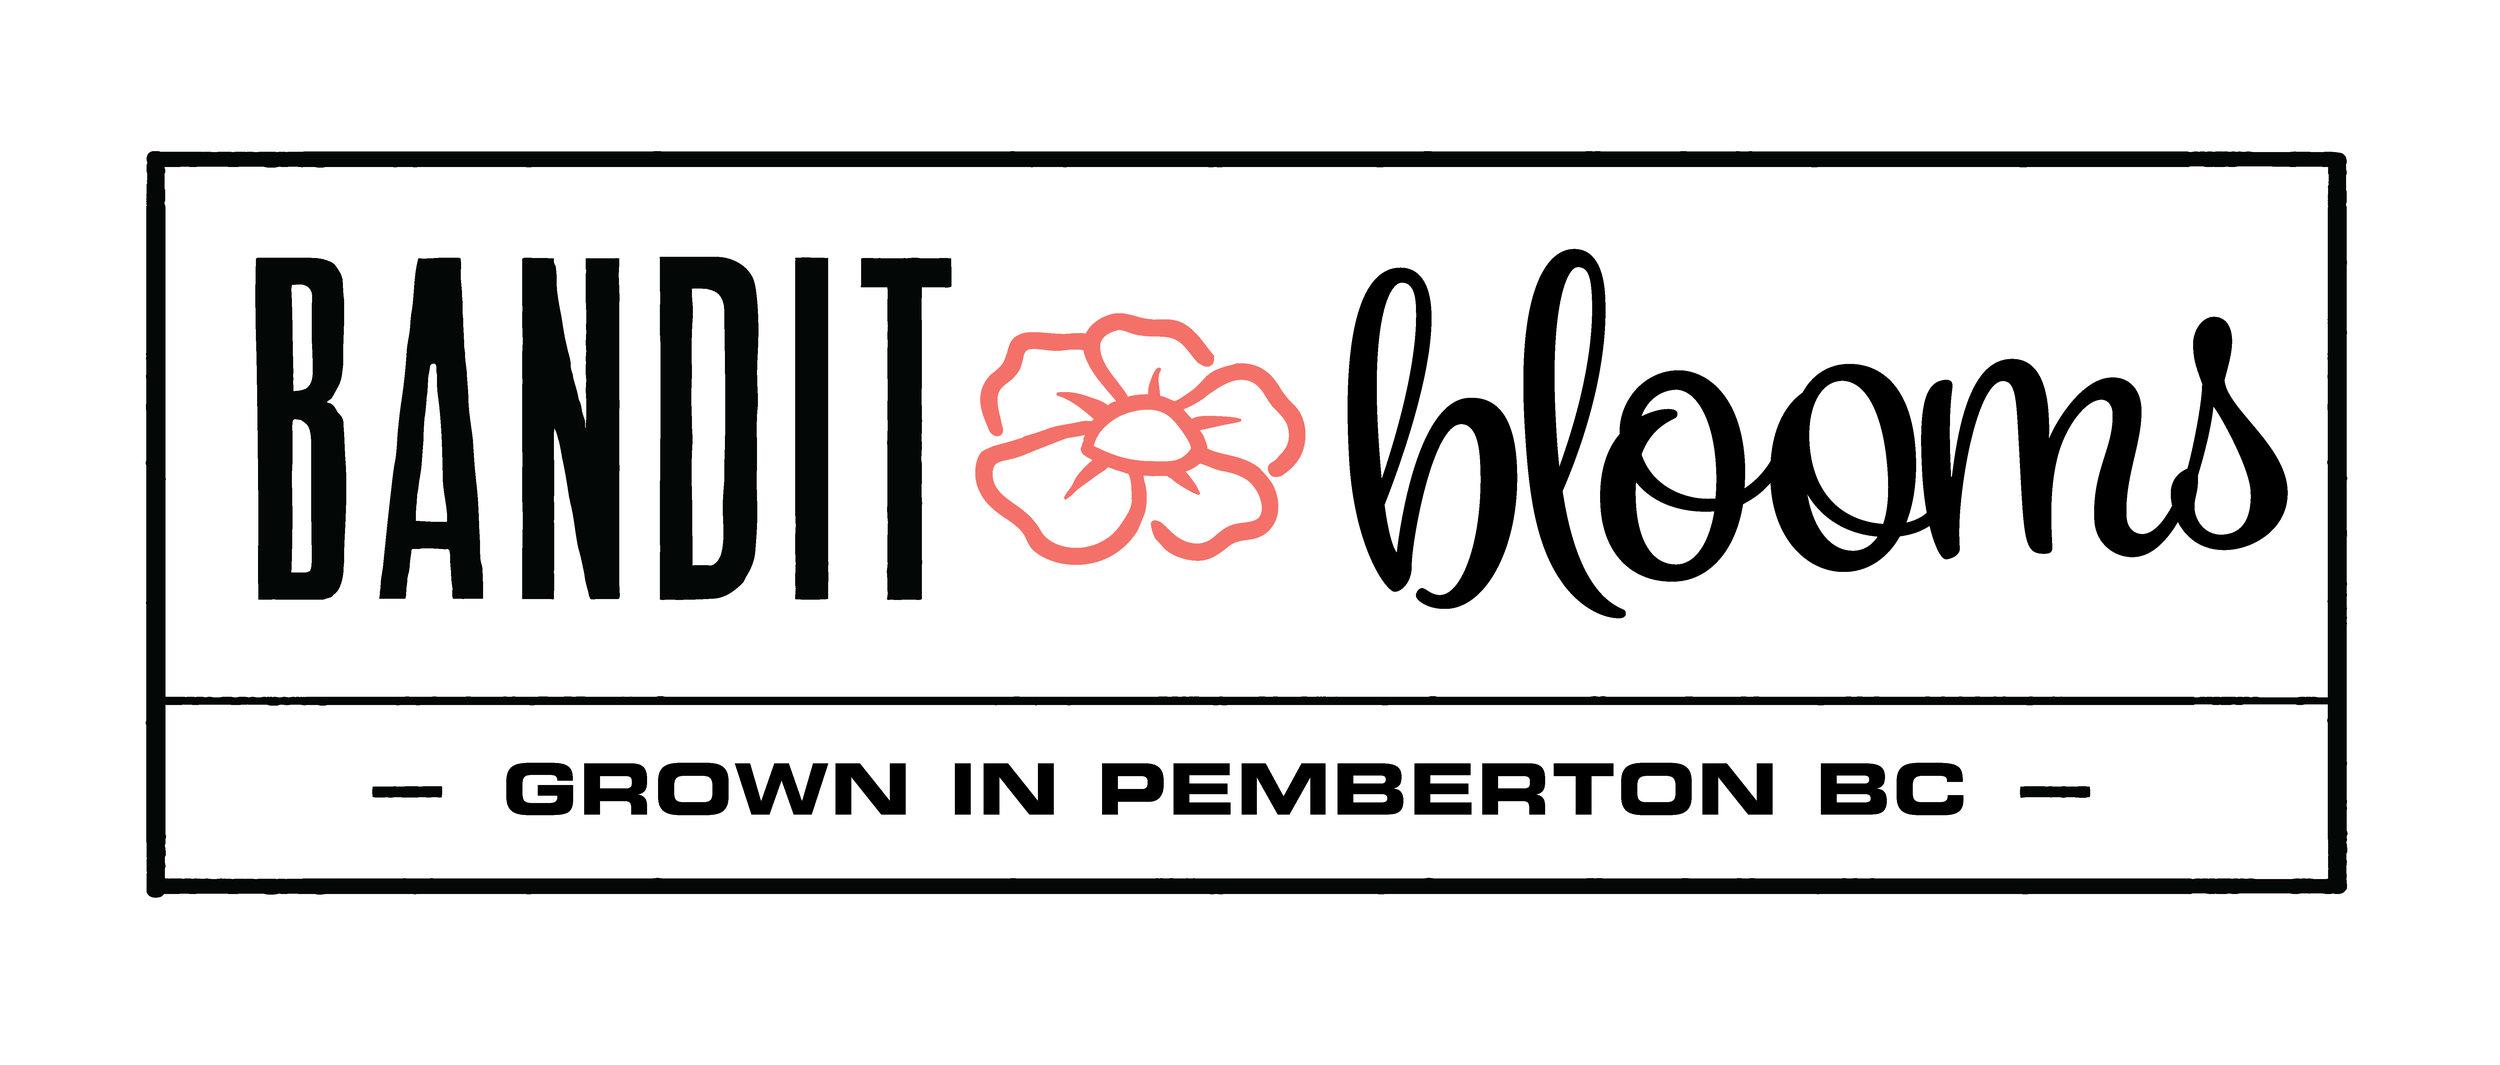 Bandit blooms logo_banner.jpg